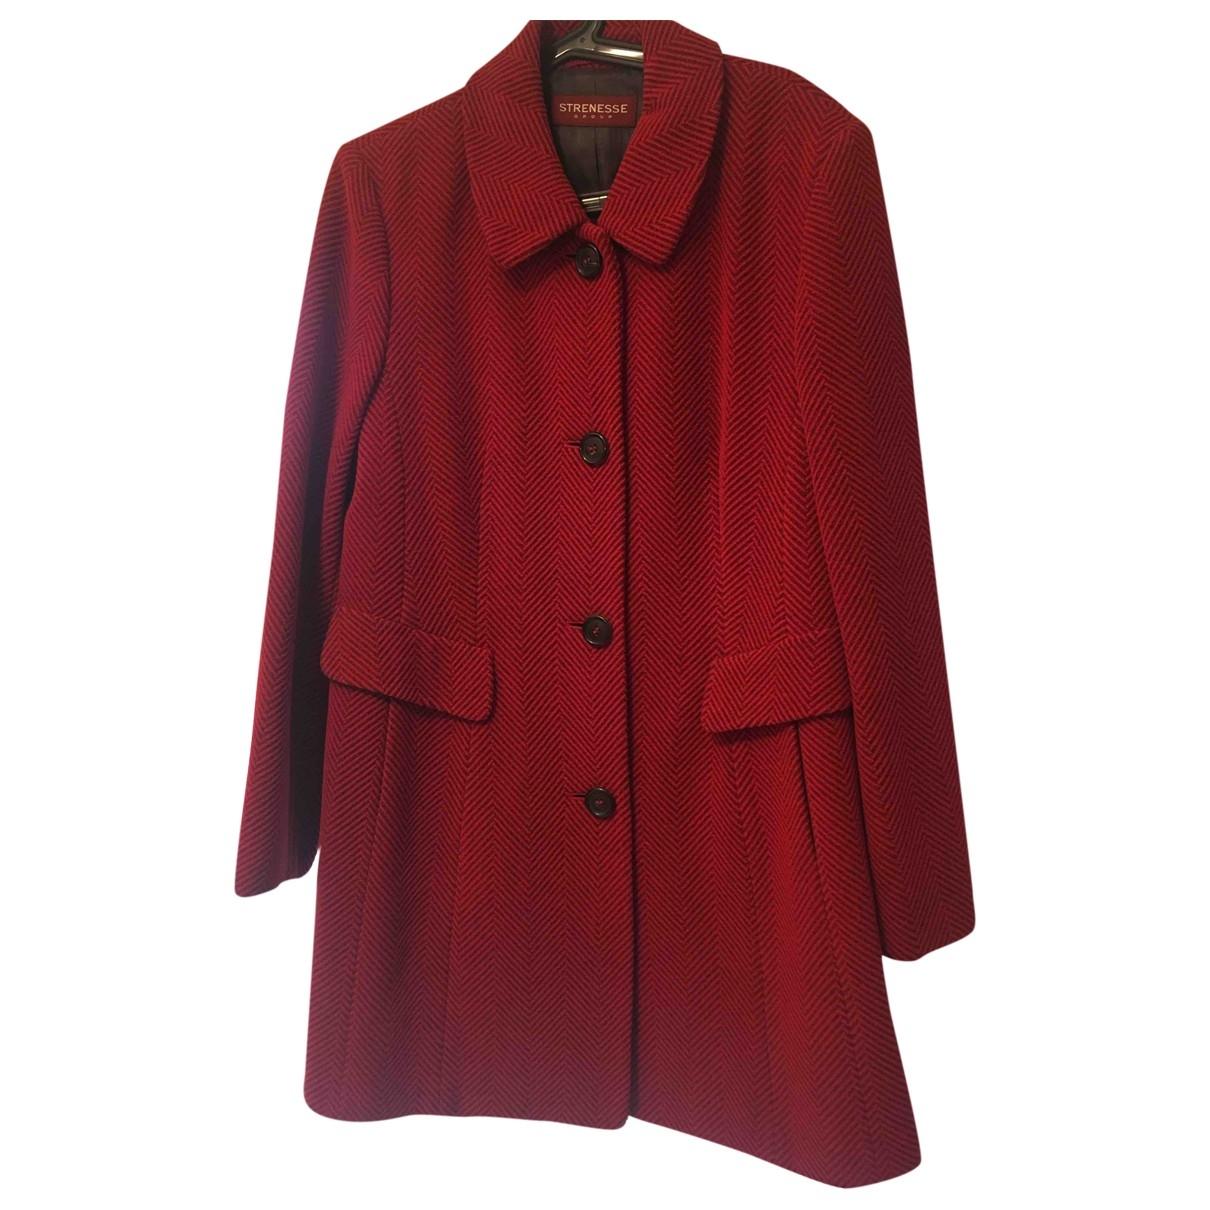 Strenesse - Manteau   pour femme en laine